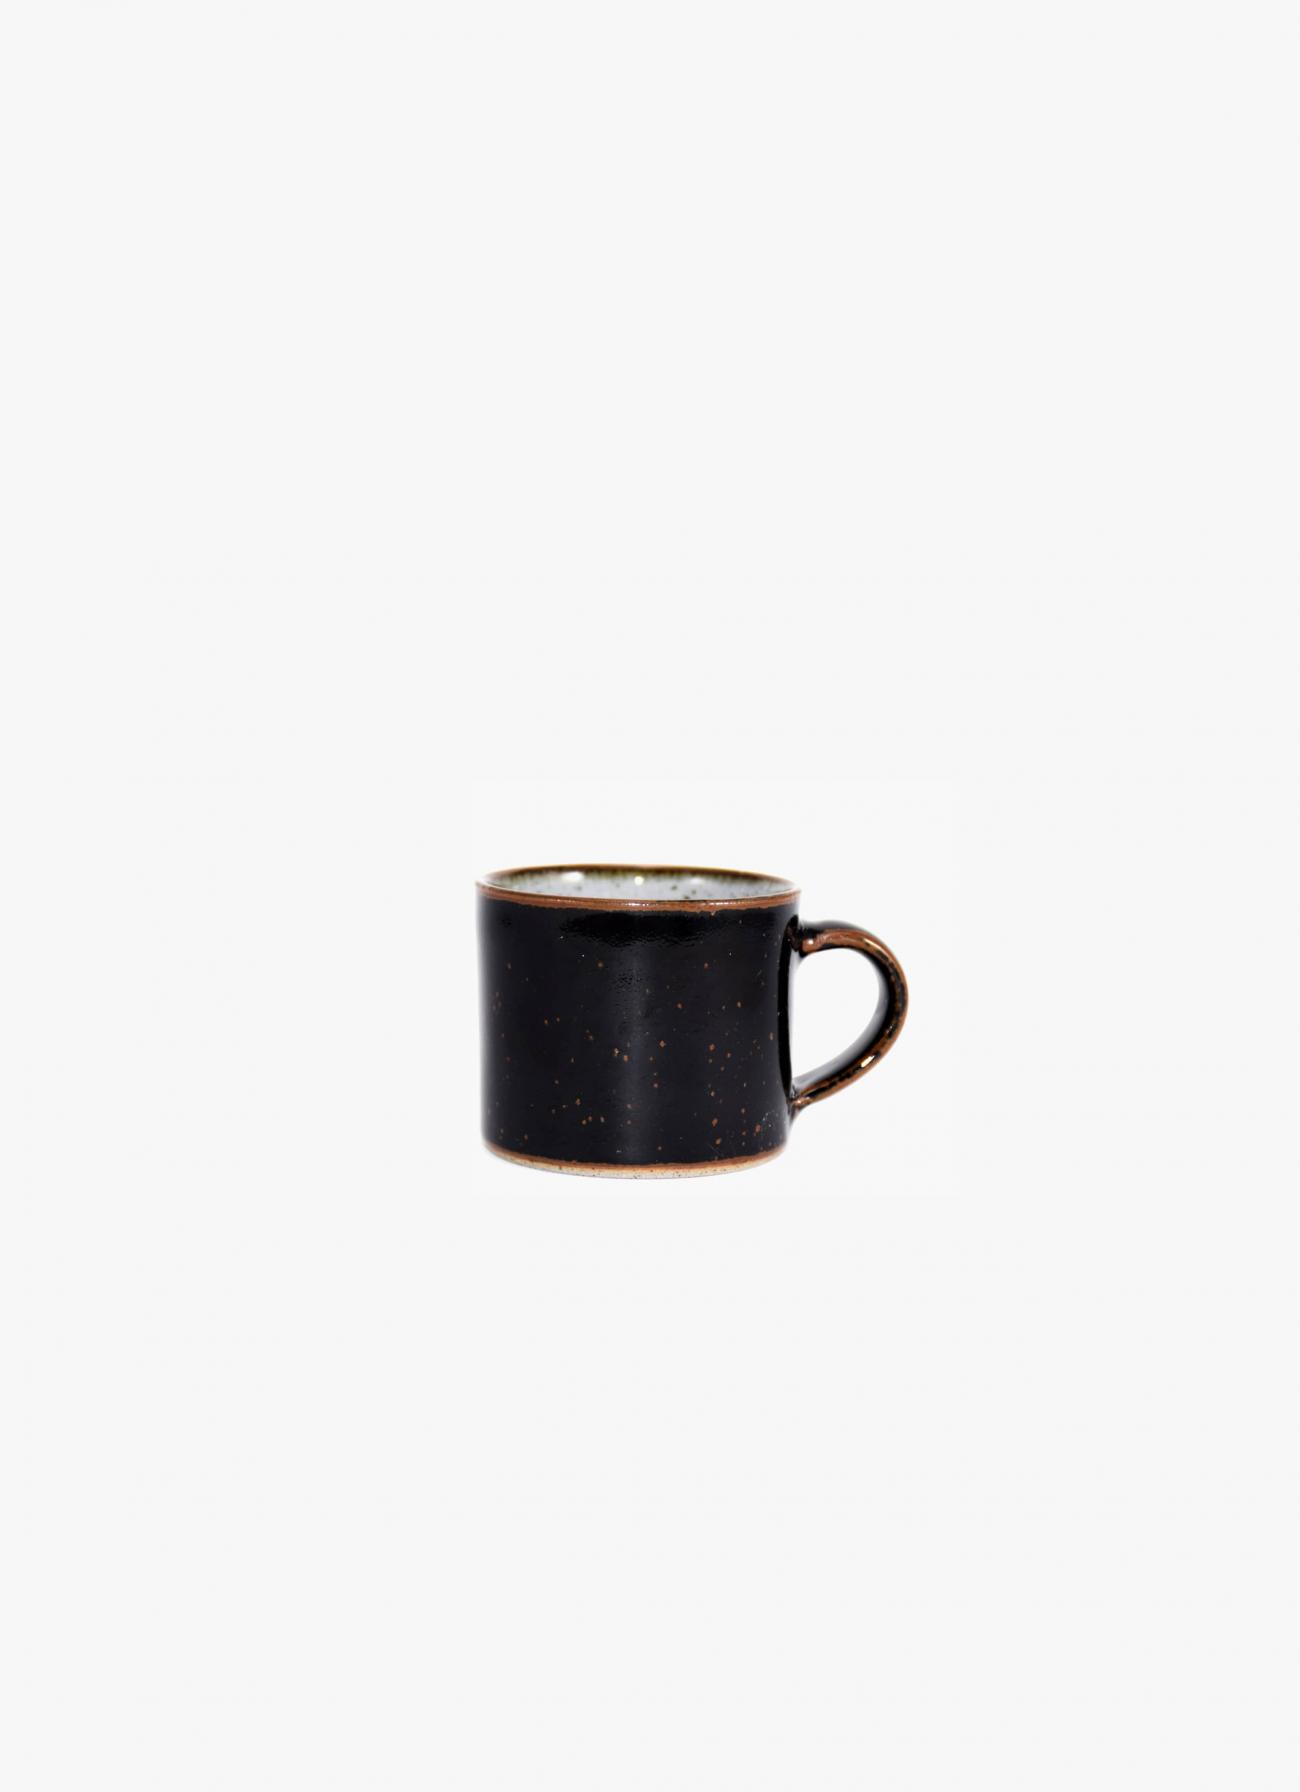 James and Tilla Waters - Thrown Stoneware - Espresso cup - Tenmoku